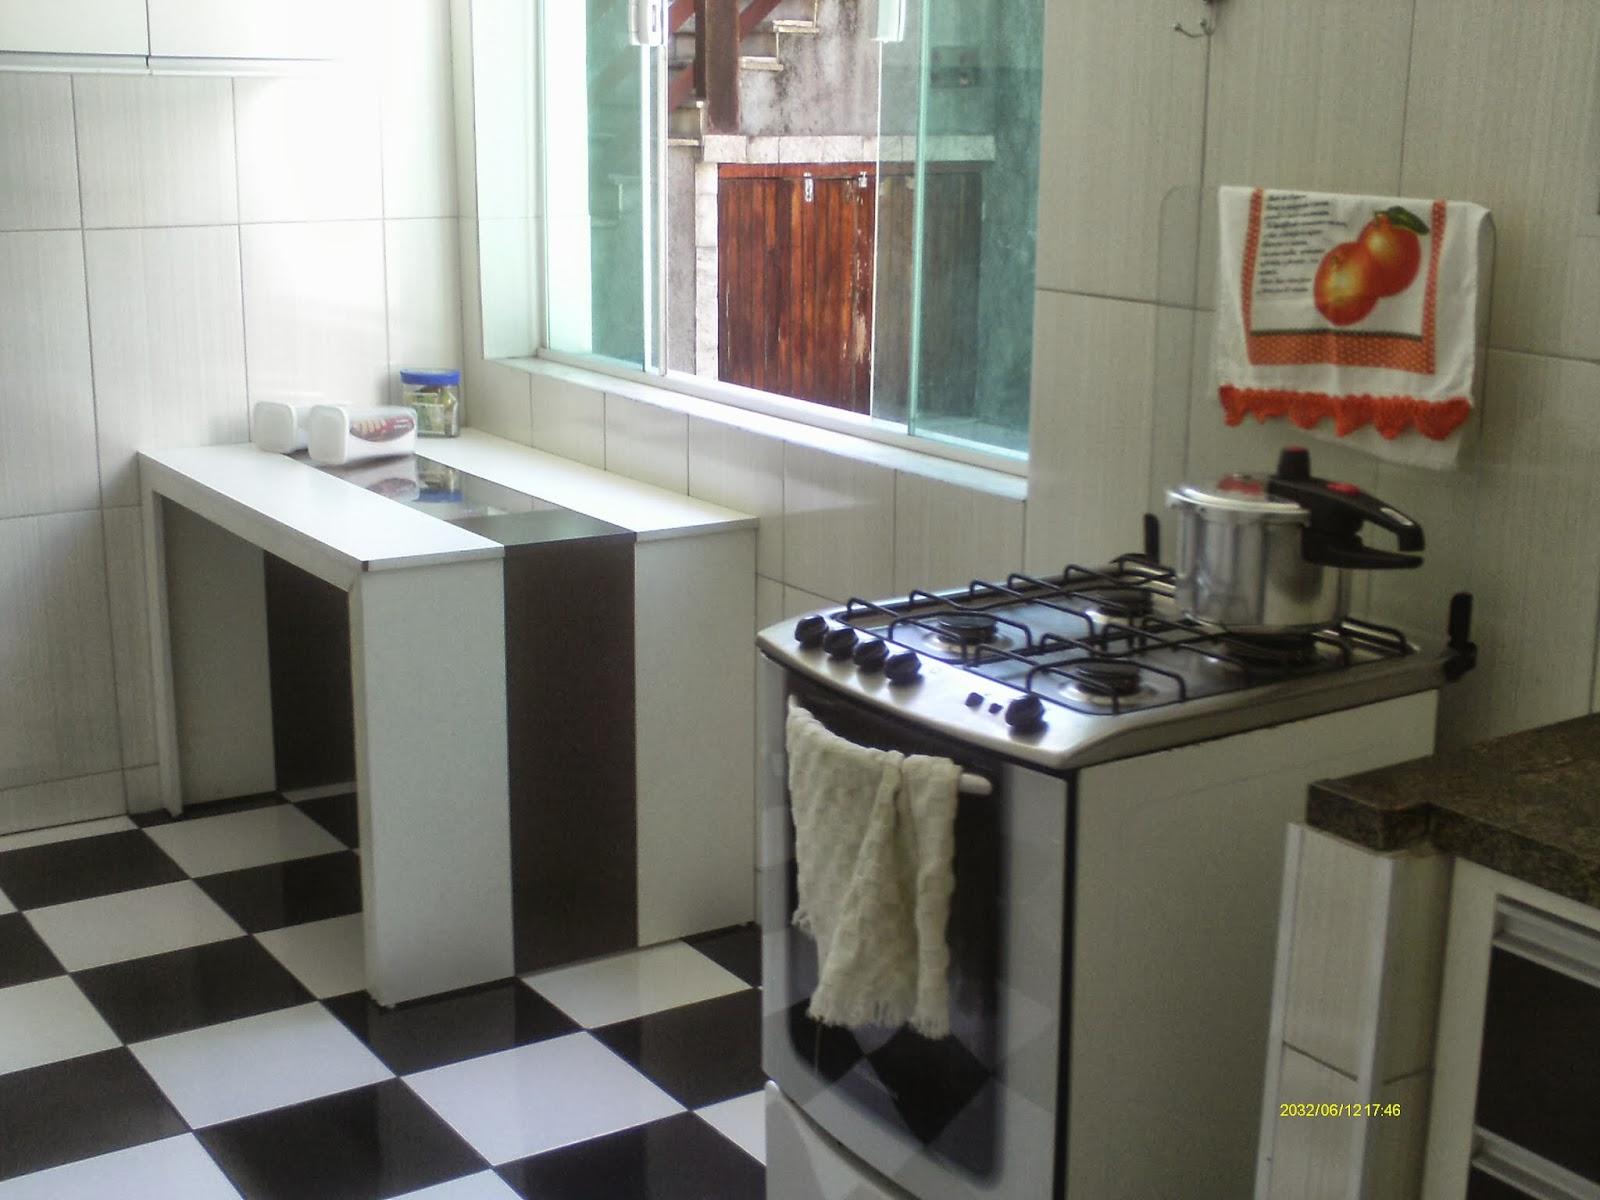 Imagens de #6F4536 Casa Cocotá Ilha do Governador Avelino Freire Imóveis 1600x1200 px 2886 Box Banheiro Ilha Do Governador